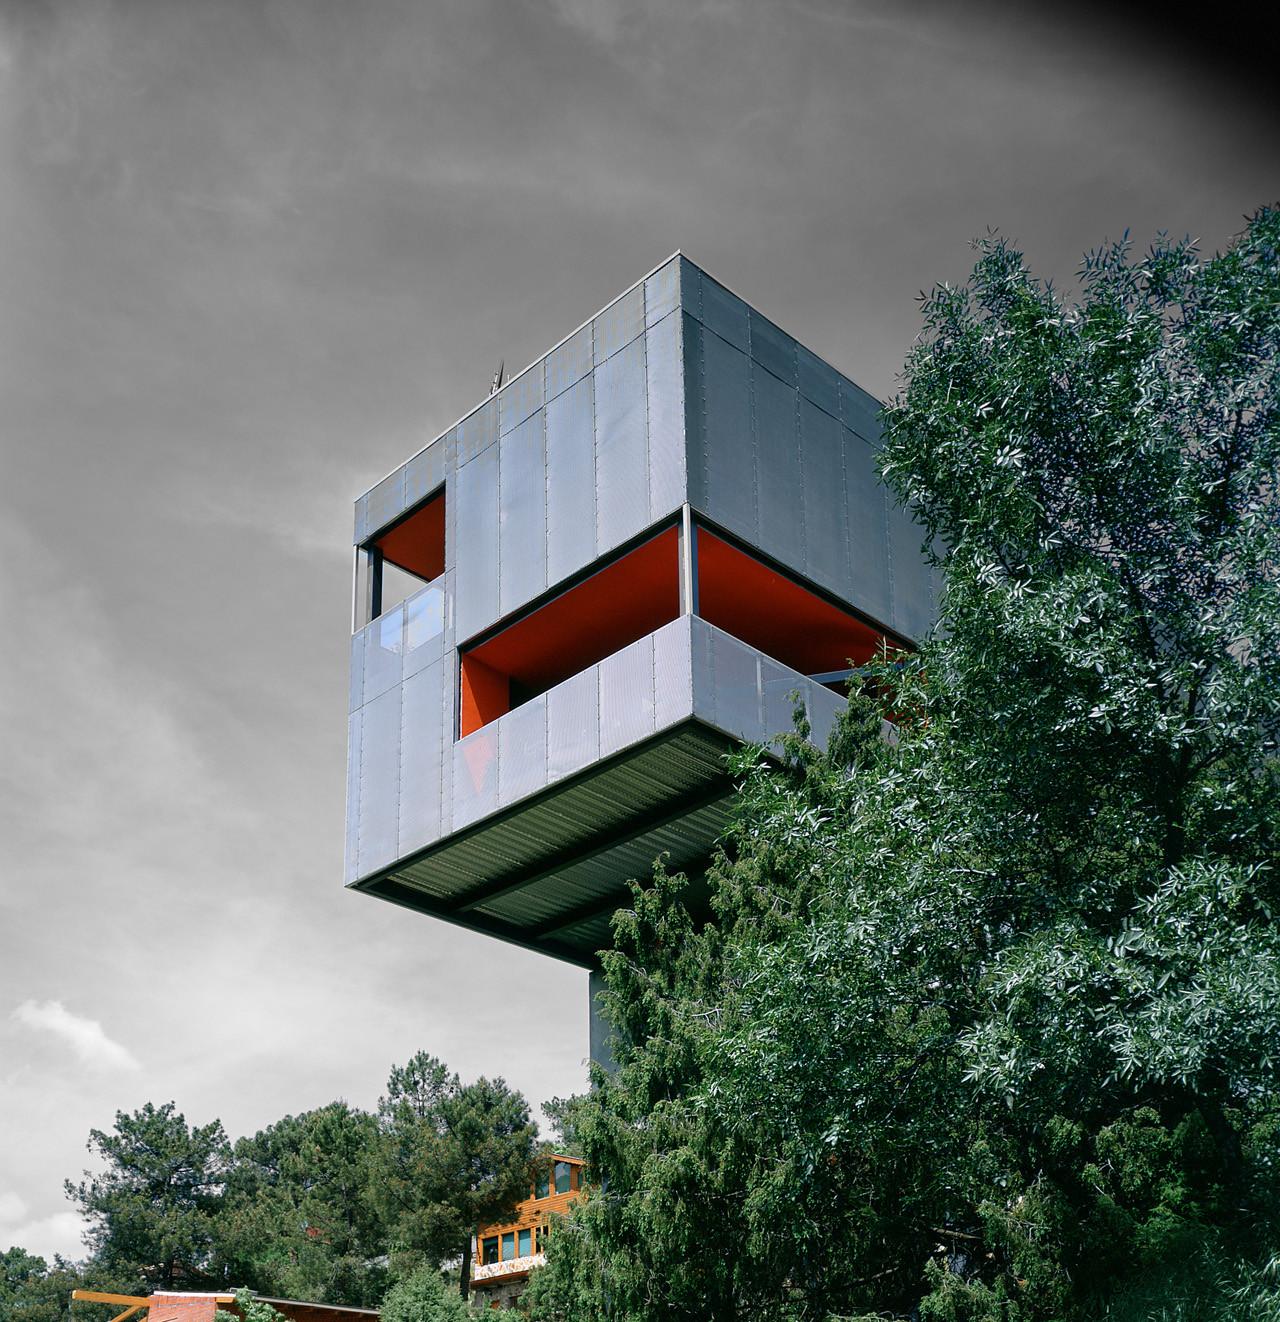 Paz House / Arturo Franco, Fabrice van Teslaar, © Carlos Fernández Piñar